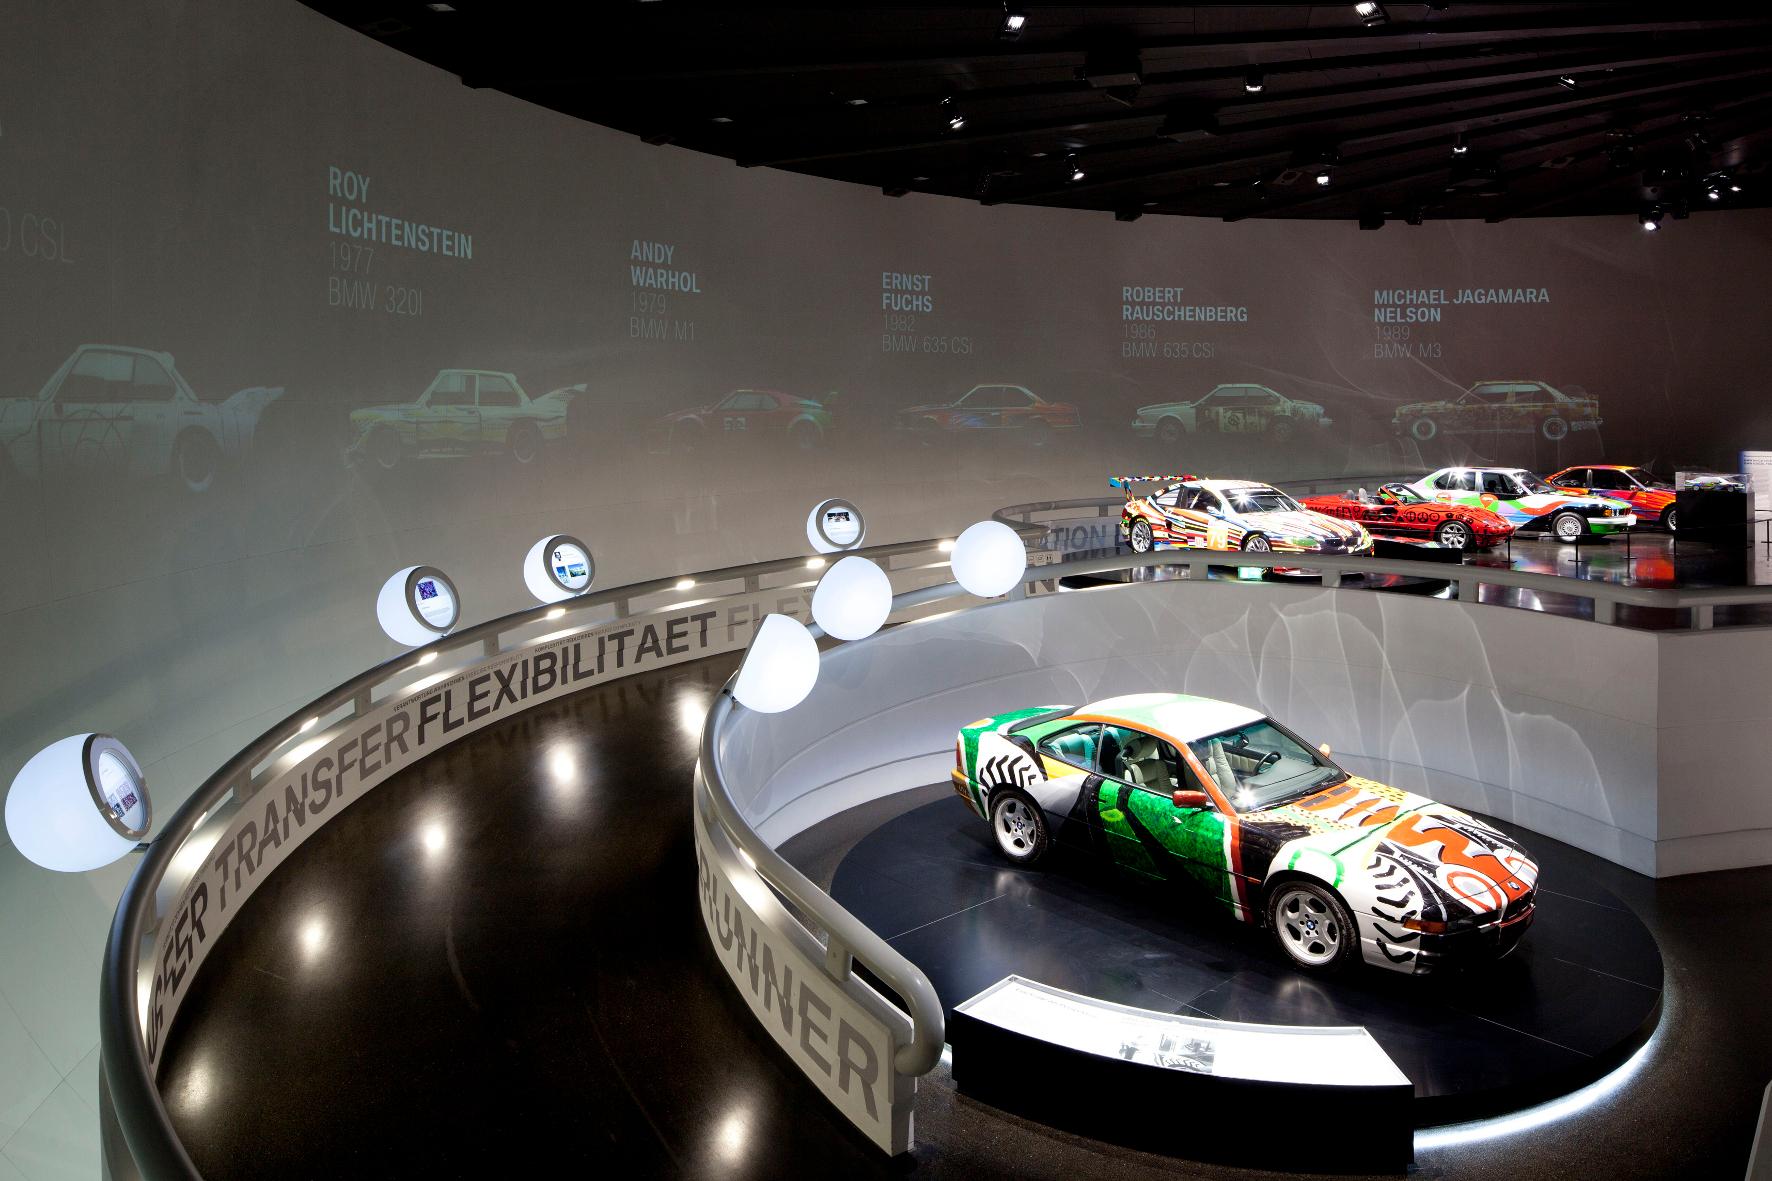 BMW Art Cars sind beliebte Ausstellungsstücke, hier im BMW Museum München. Vorne: David Hockney, Art Car von 1995, BMW 850 CSi.